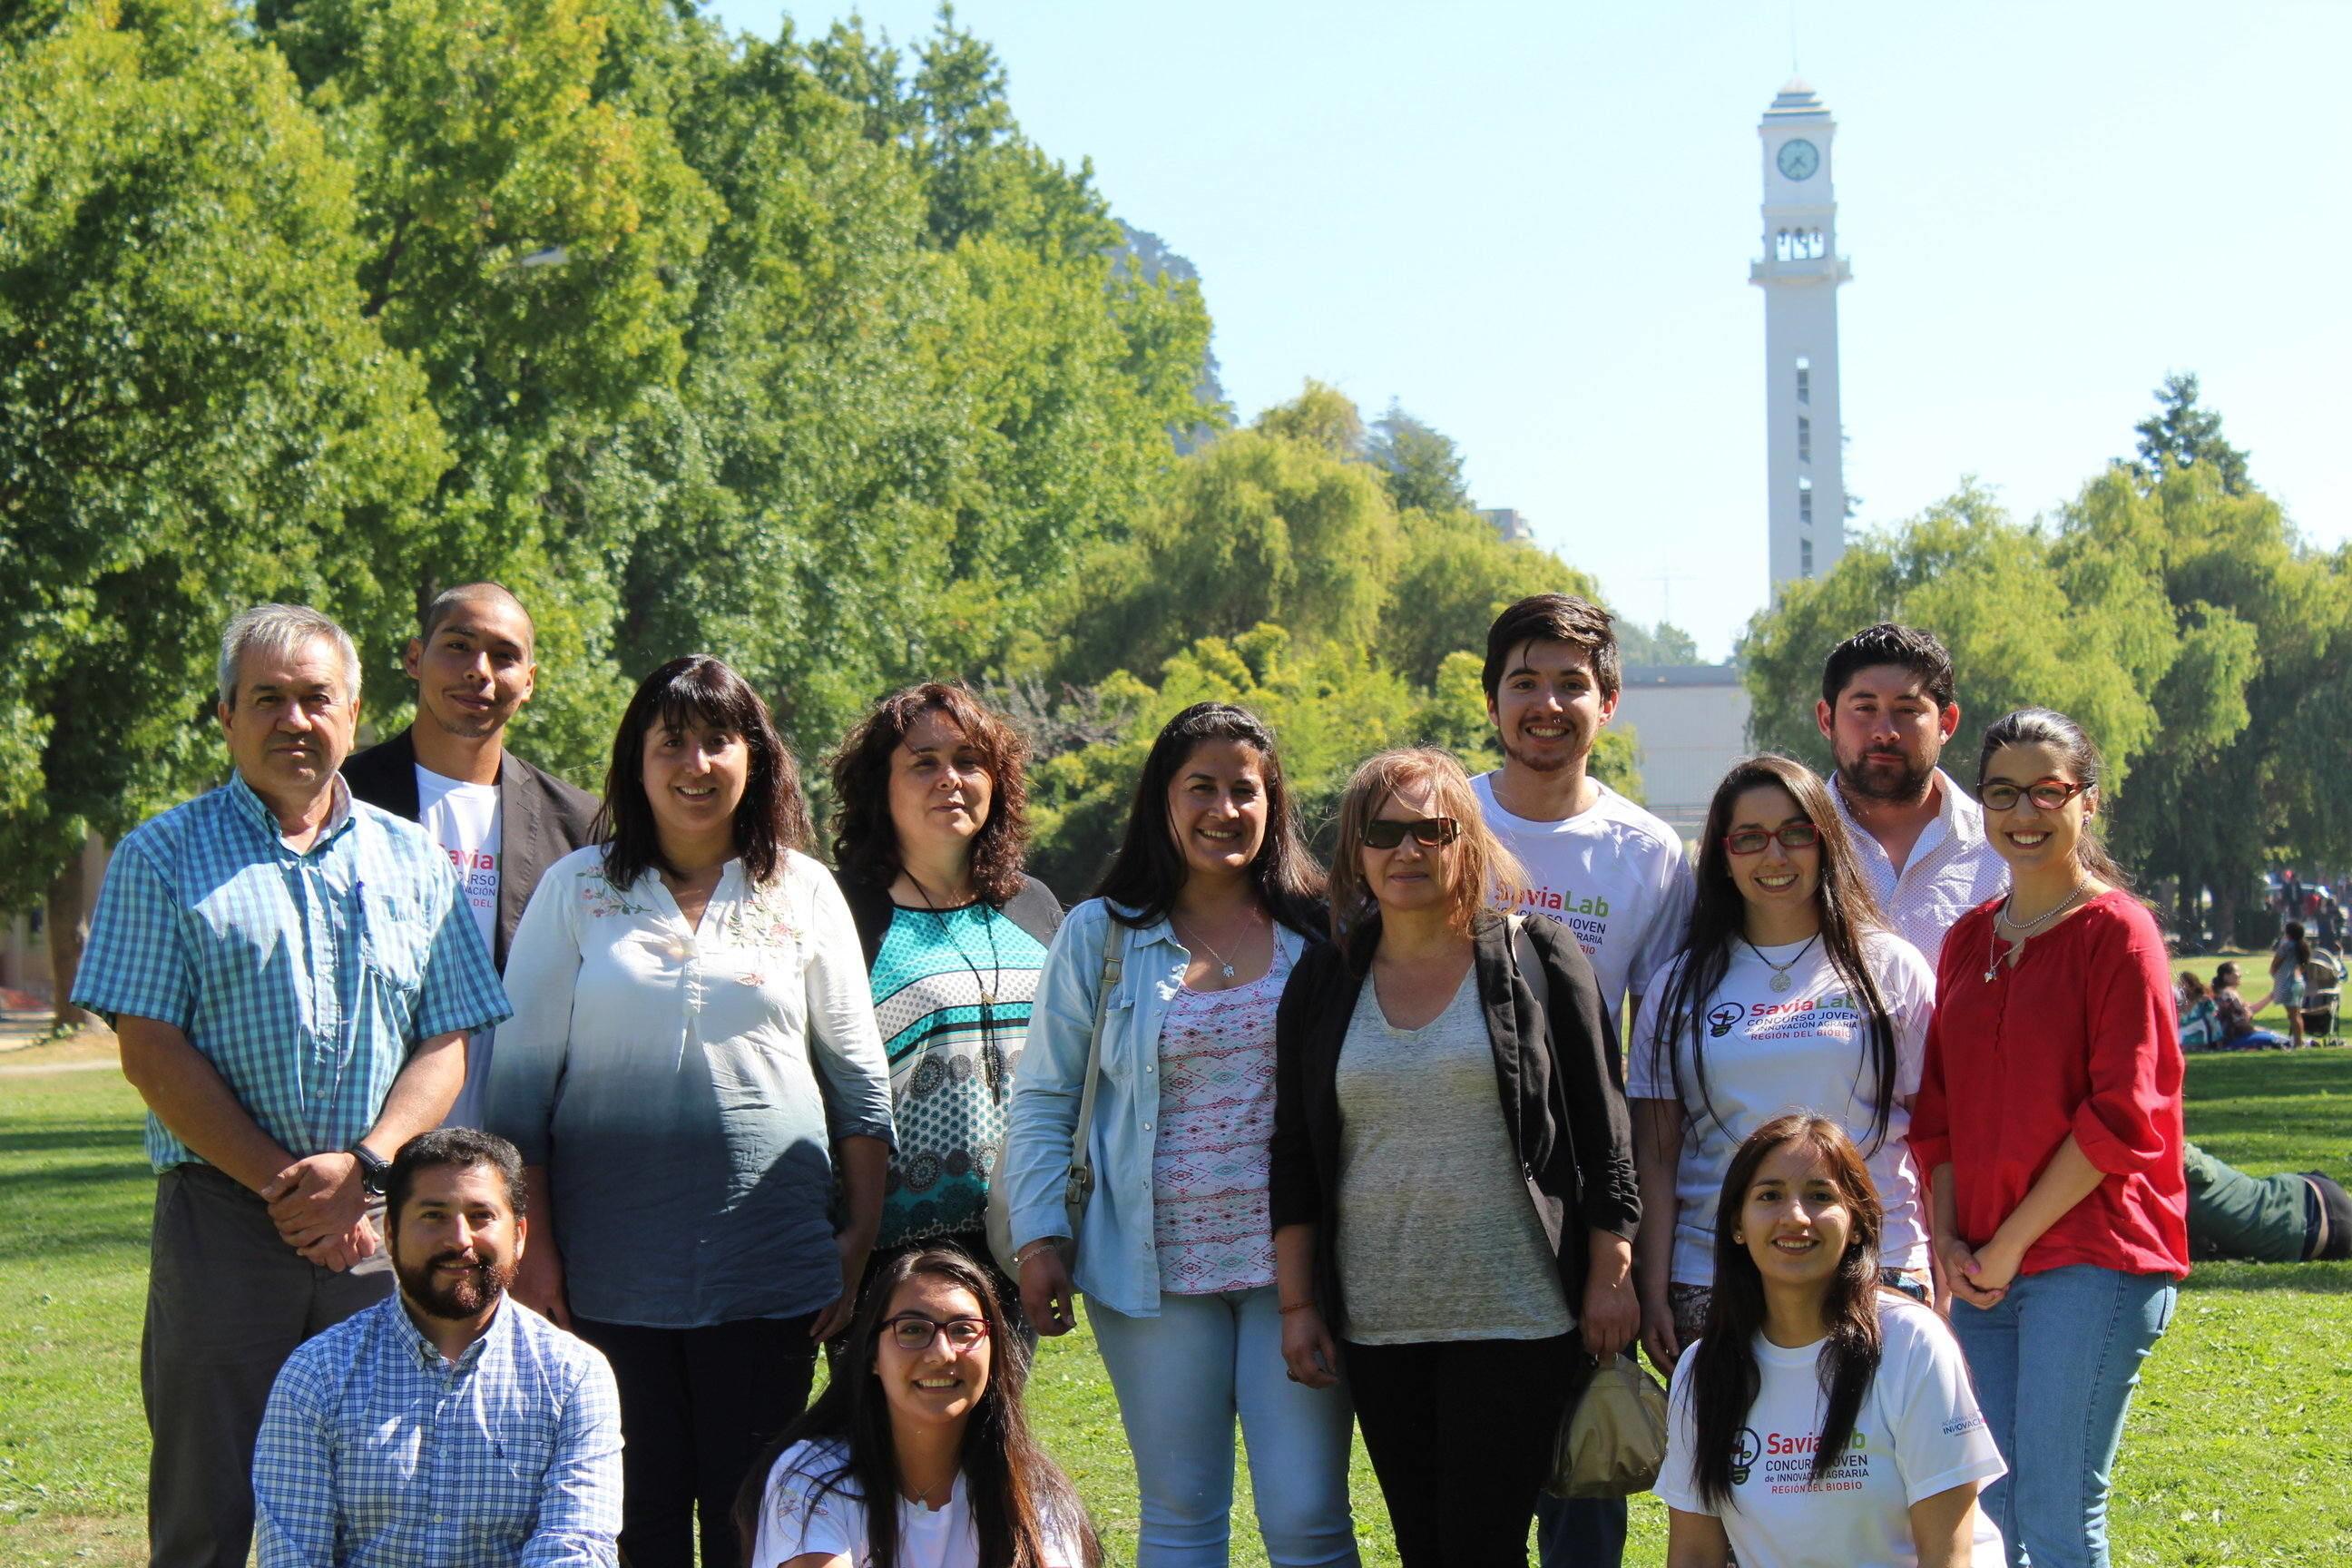 Convocatoria de SaviaLab Bío Bío reunió a profesores para concurso de innovación escolar